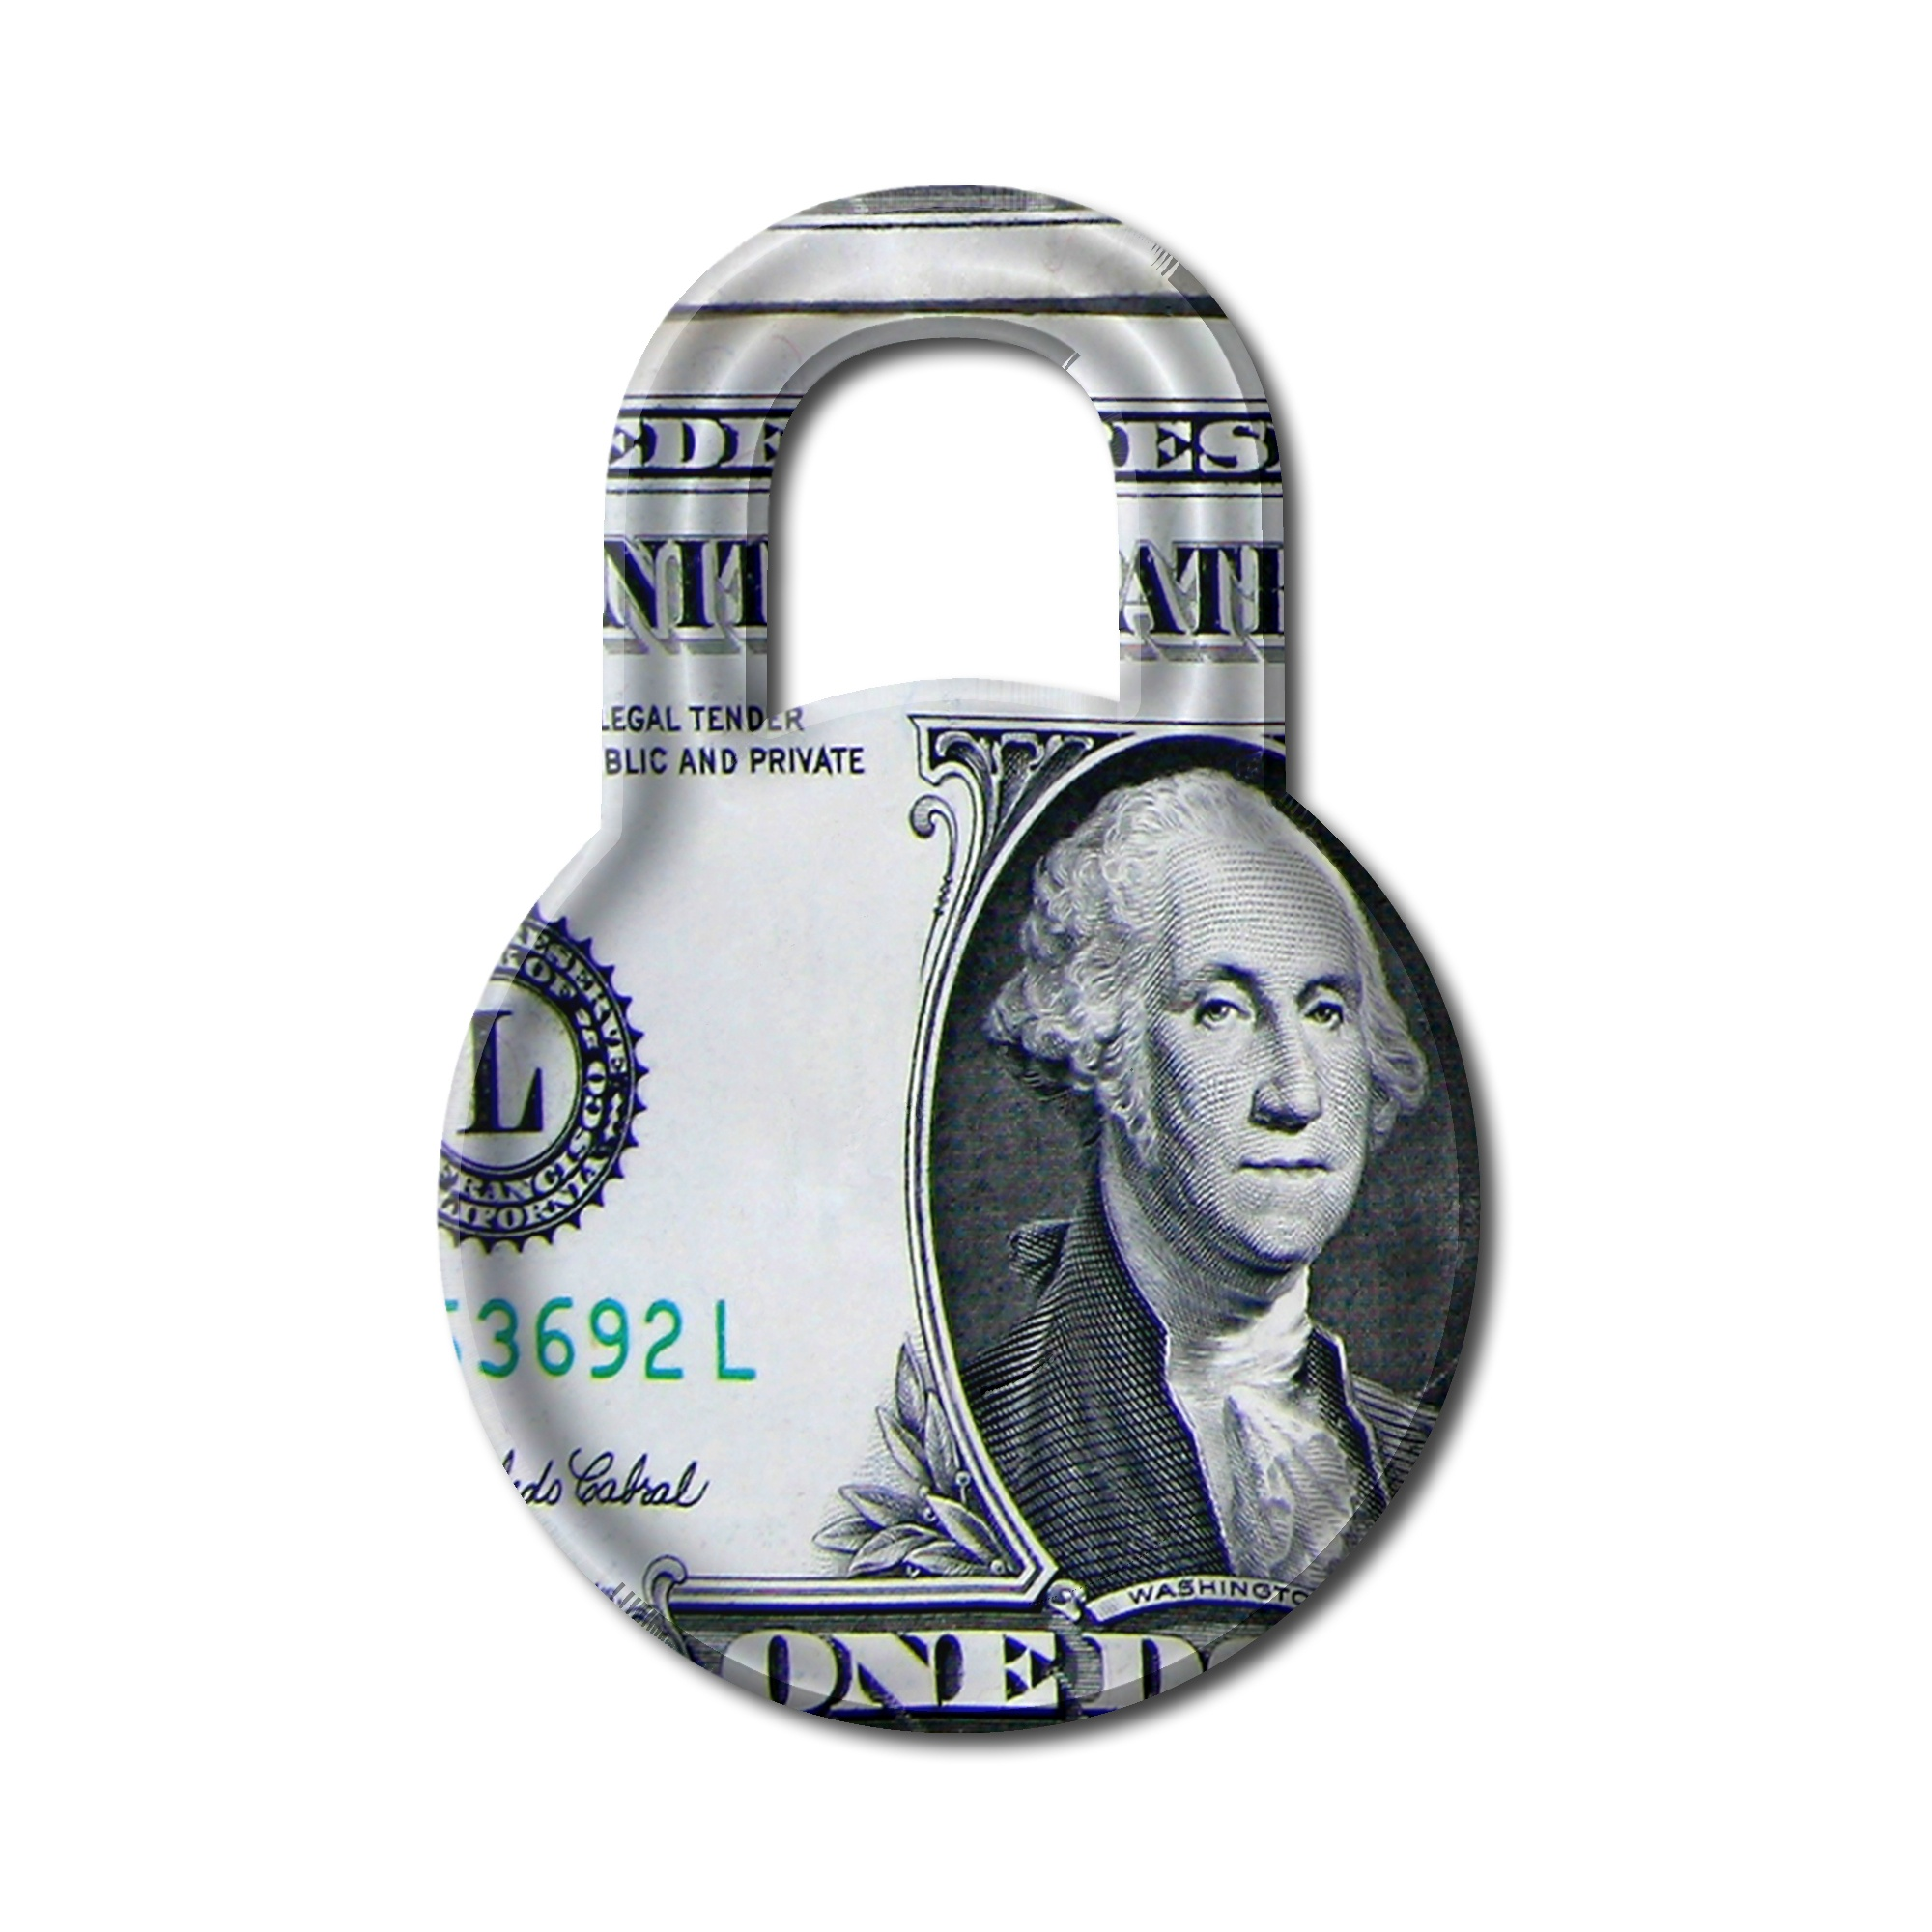 lic international capital guaranteed insurance plan.jpg